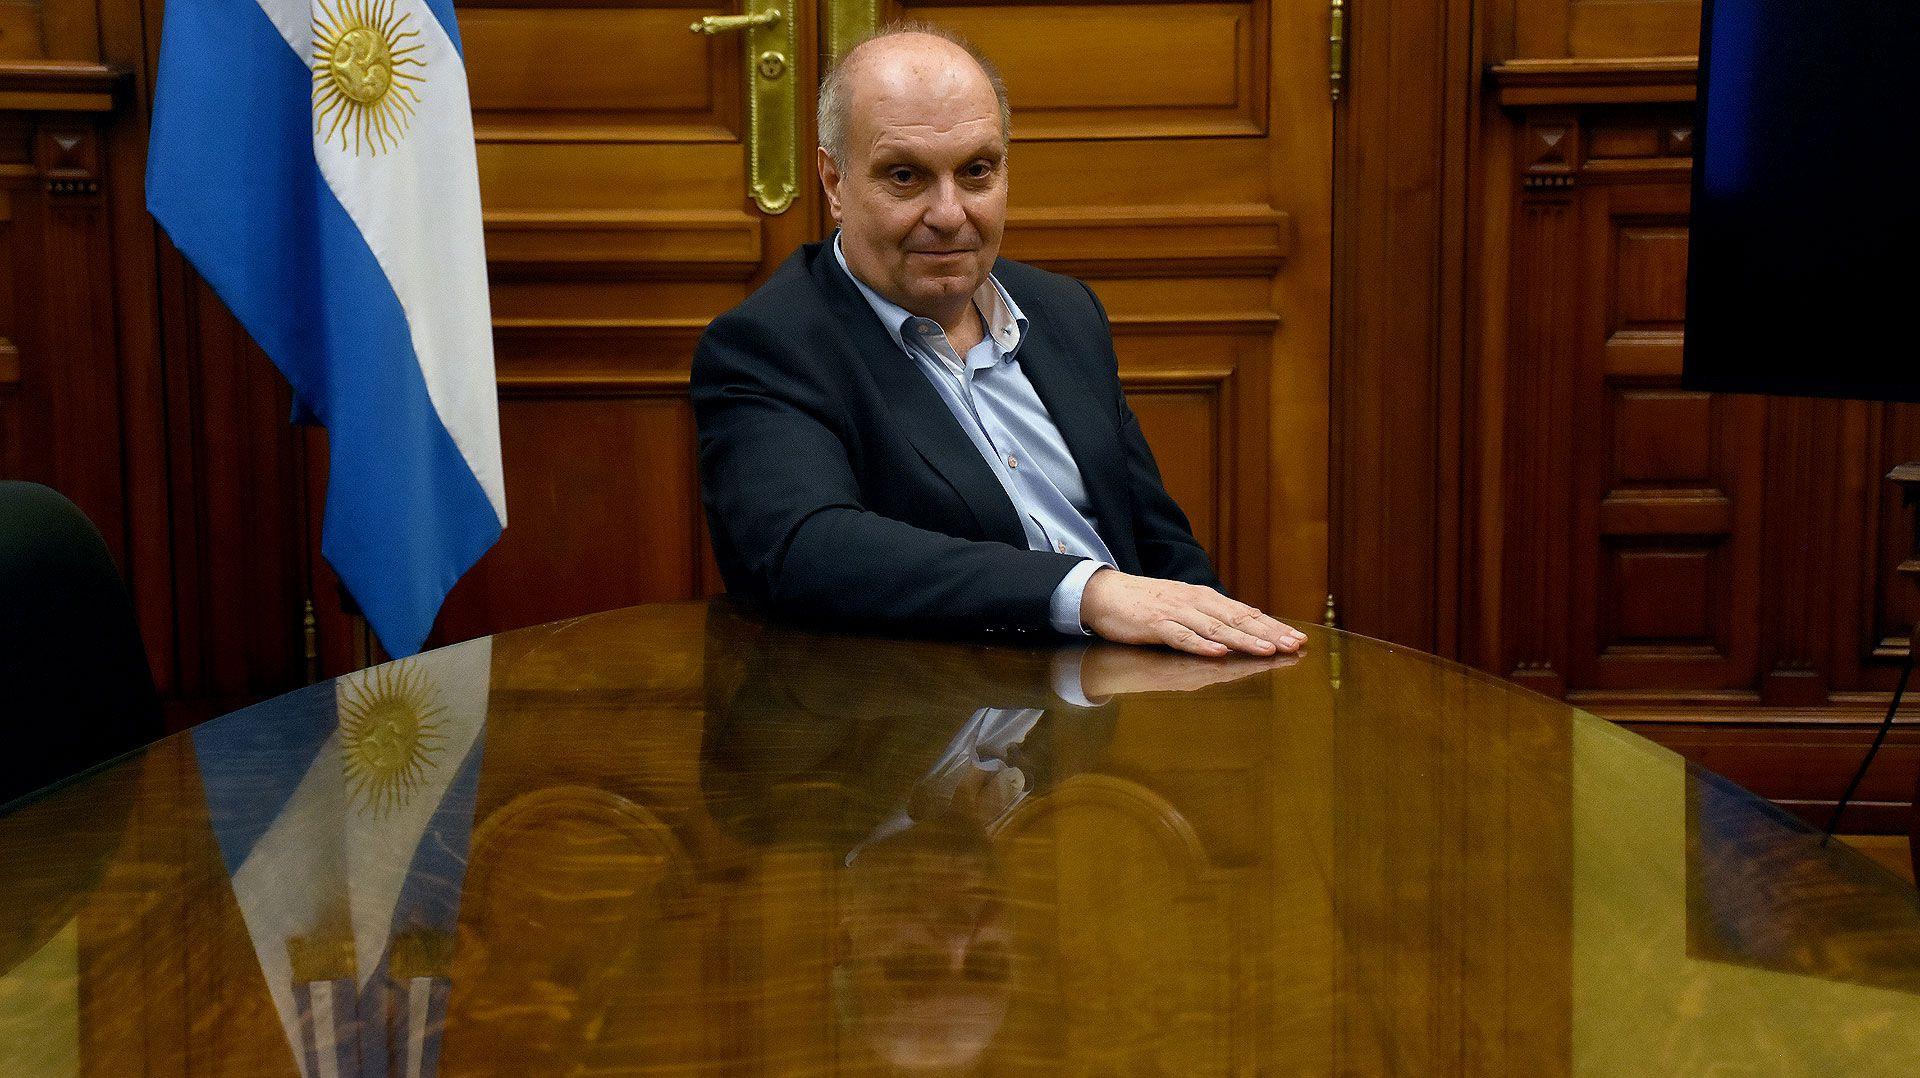 Hernán Lombardi en lo que era su despacho en el CCK (Nicolás Stulberg)